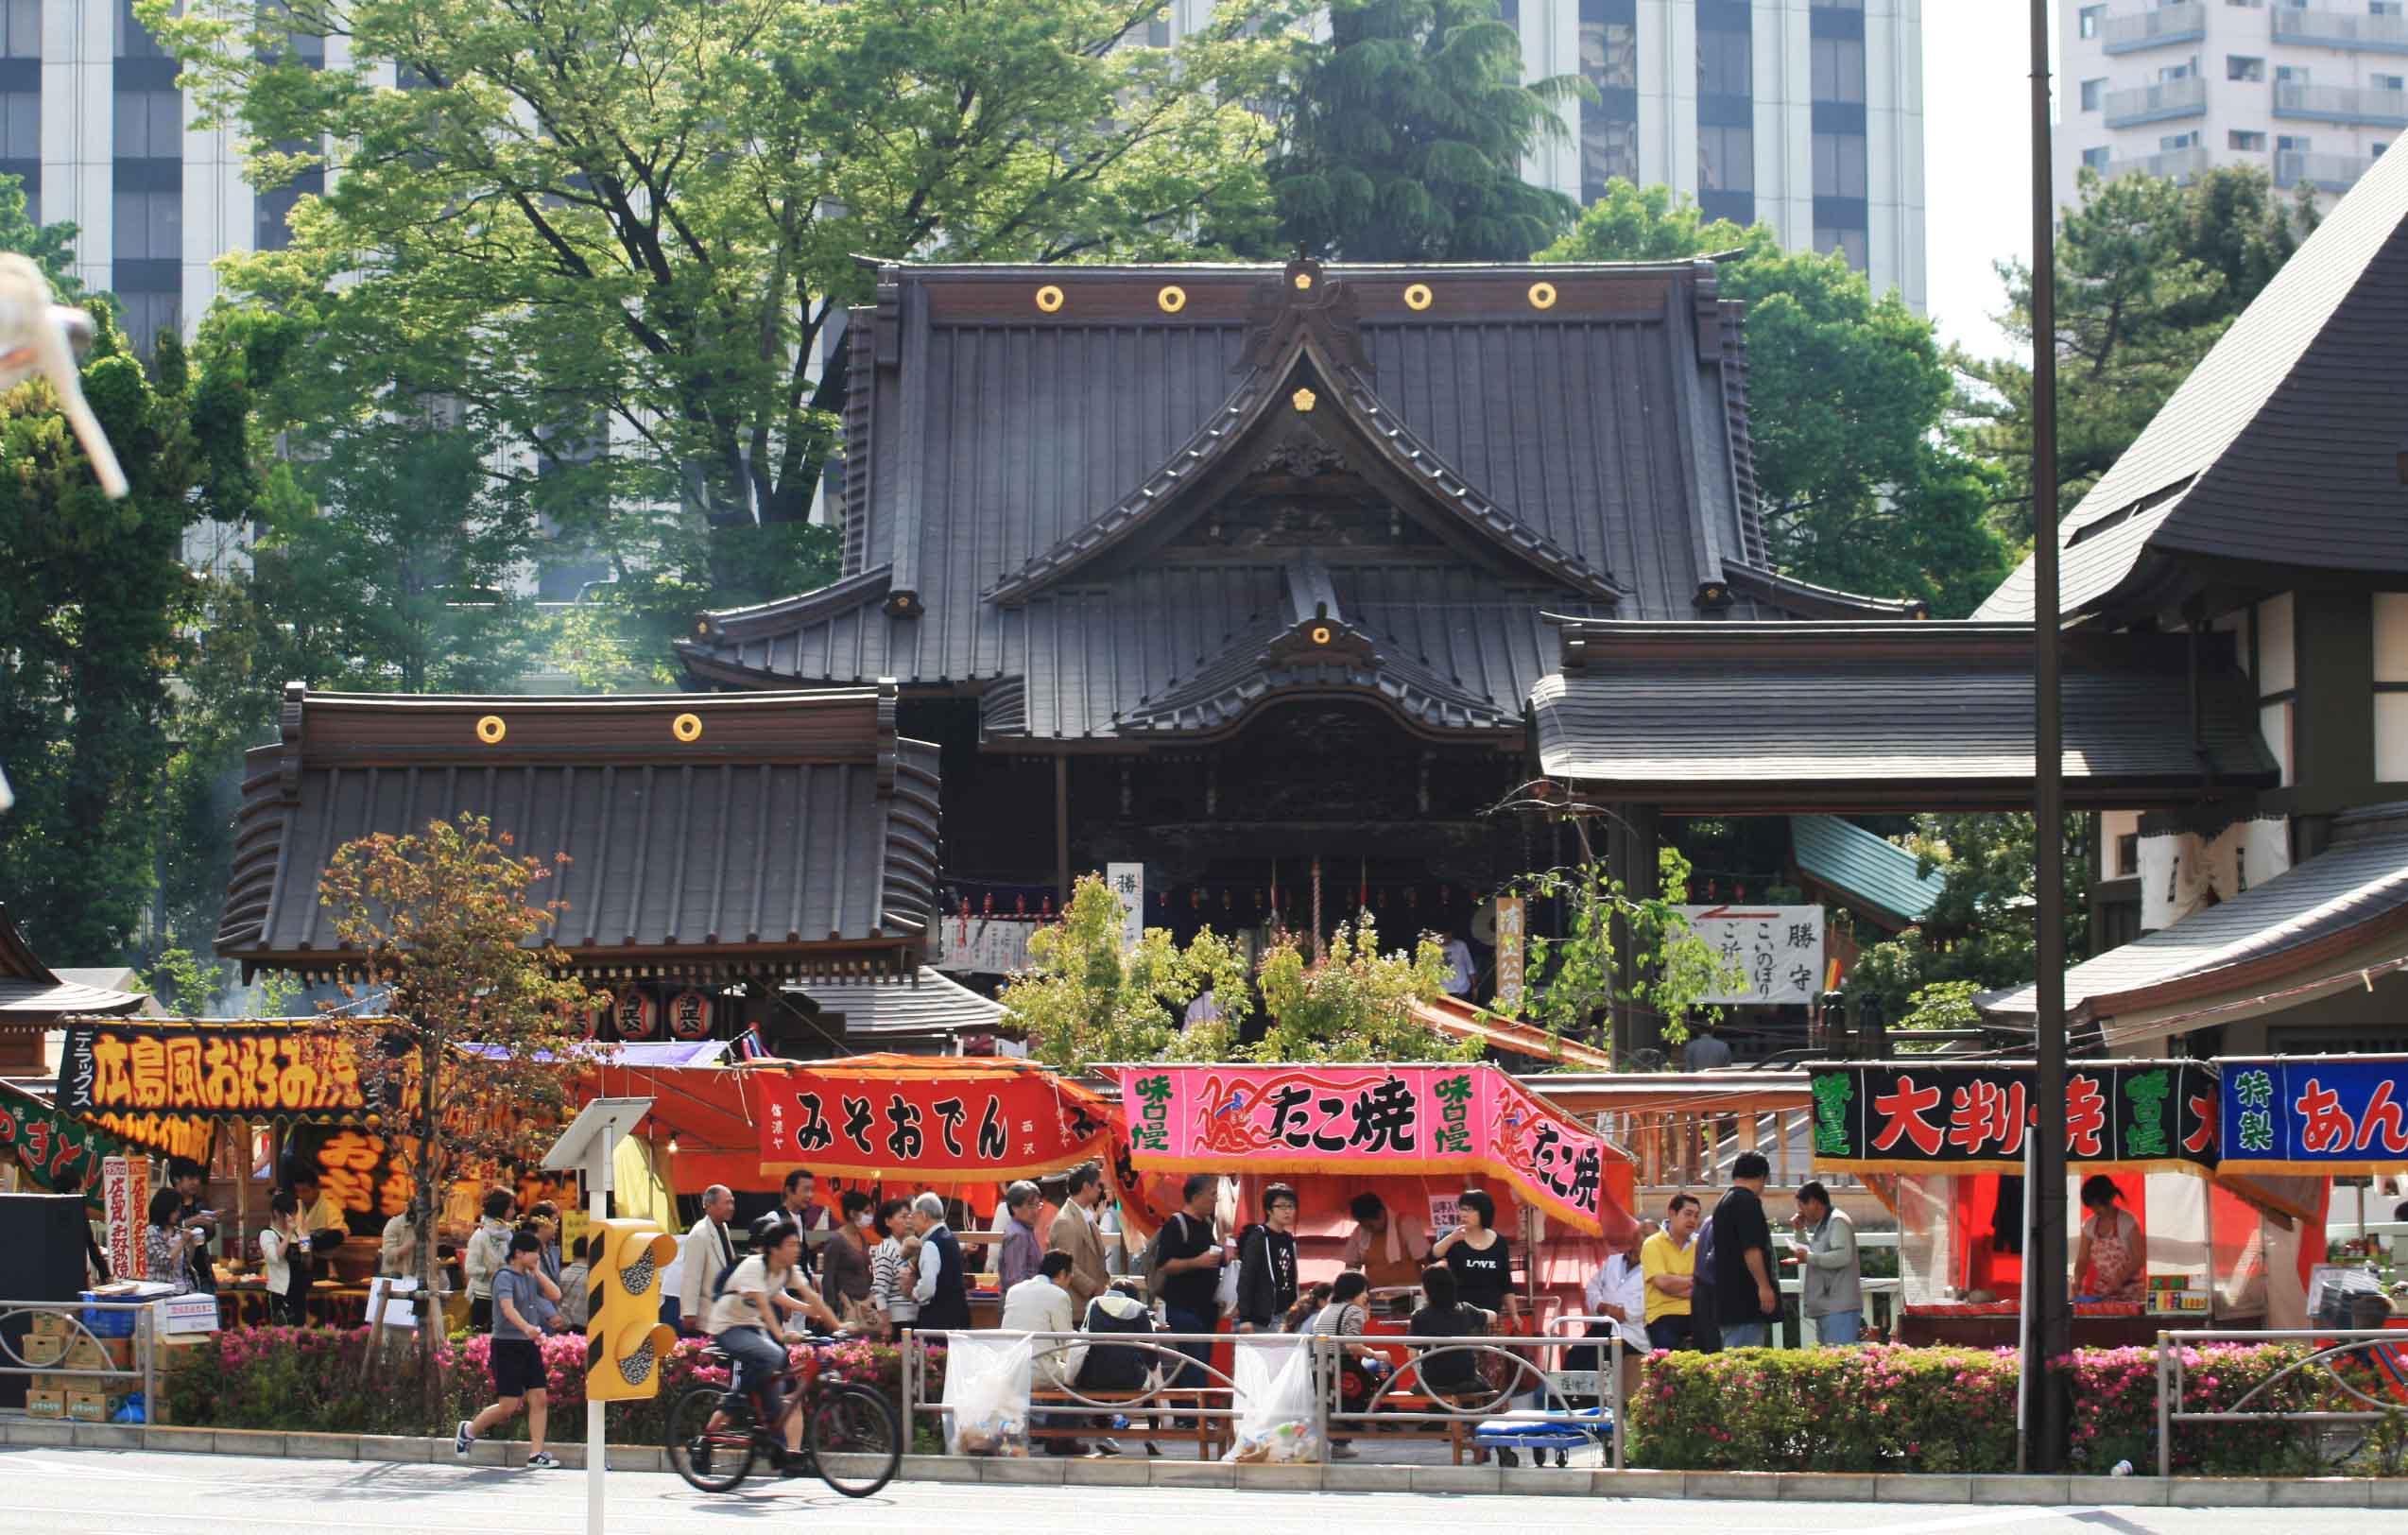 亀崎潮干祭2017! ユネスコ認定! スケジュールと駐車場は?